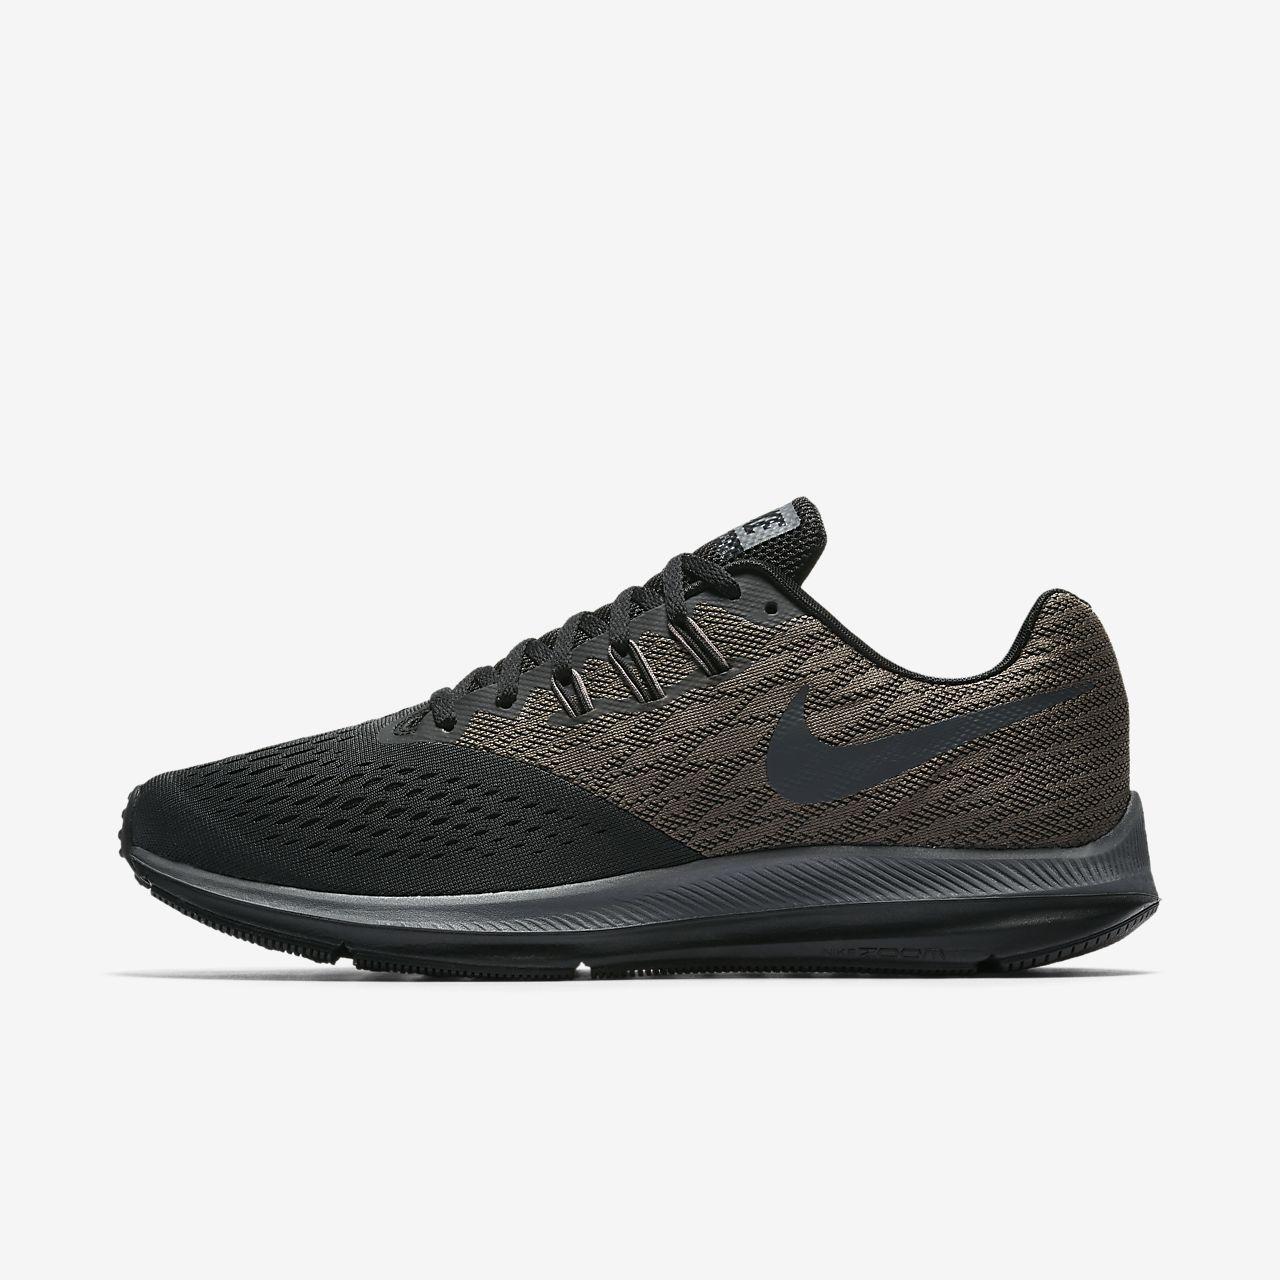 ce163b88db4a1 Calzado de running para hombre Nike Zoom Winflo 4. Nike.com PR